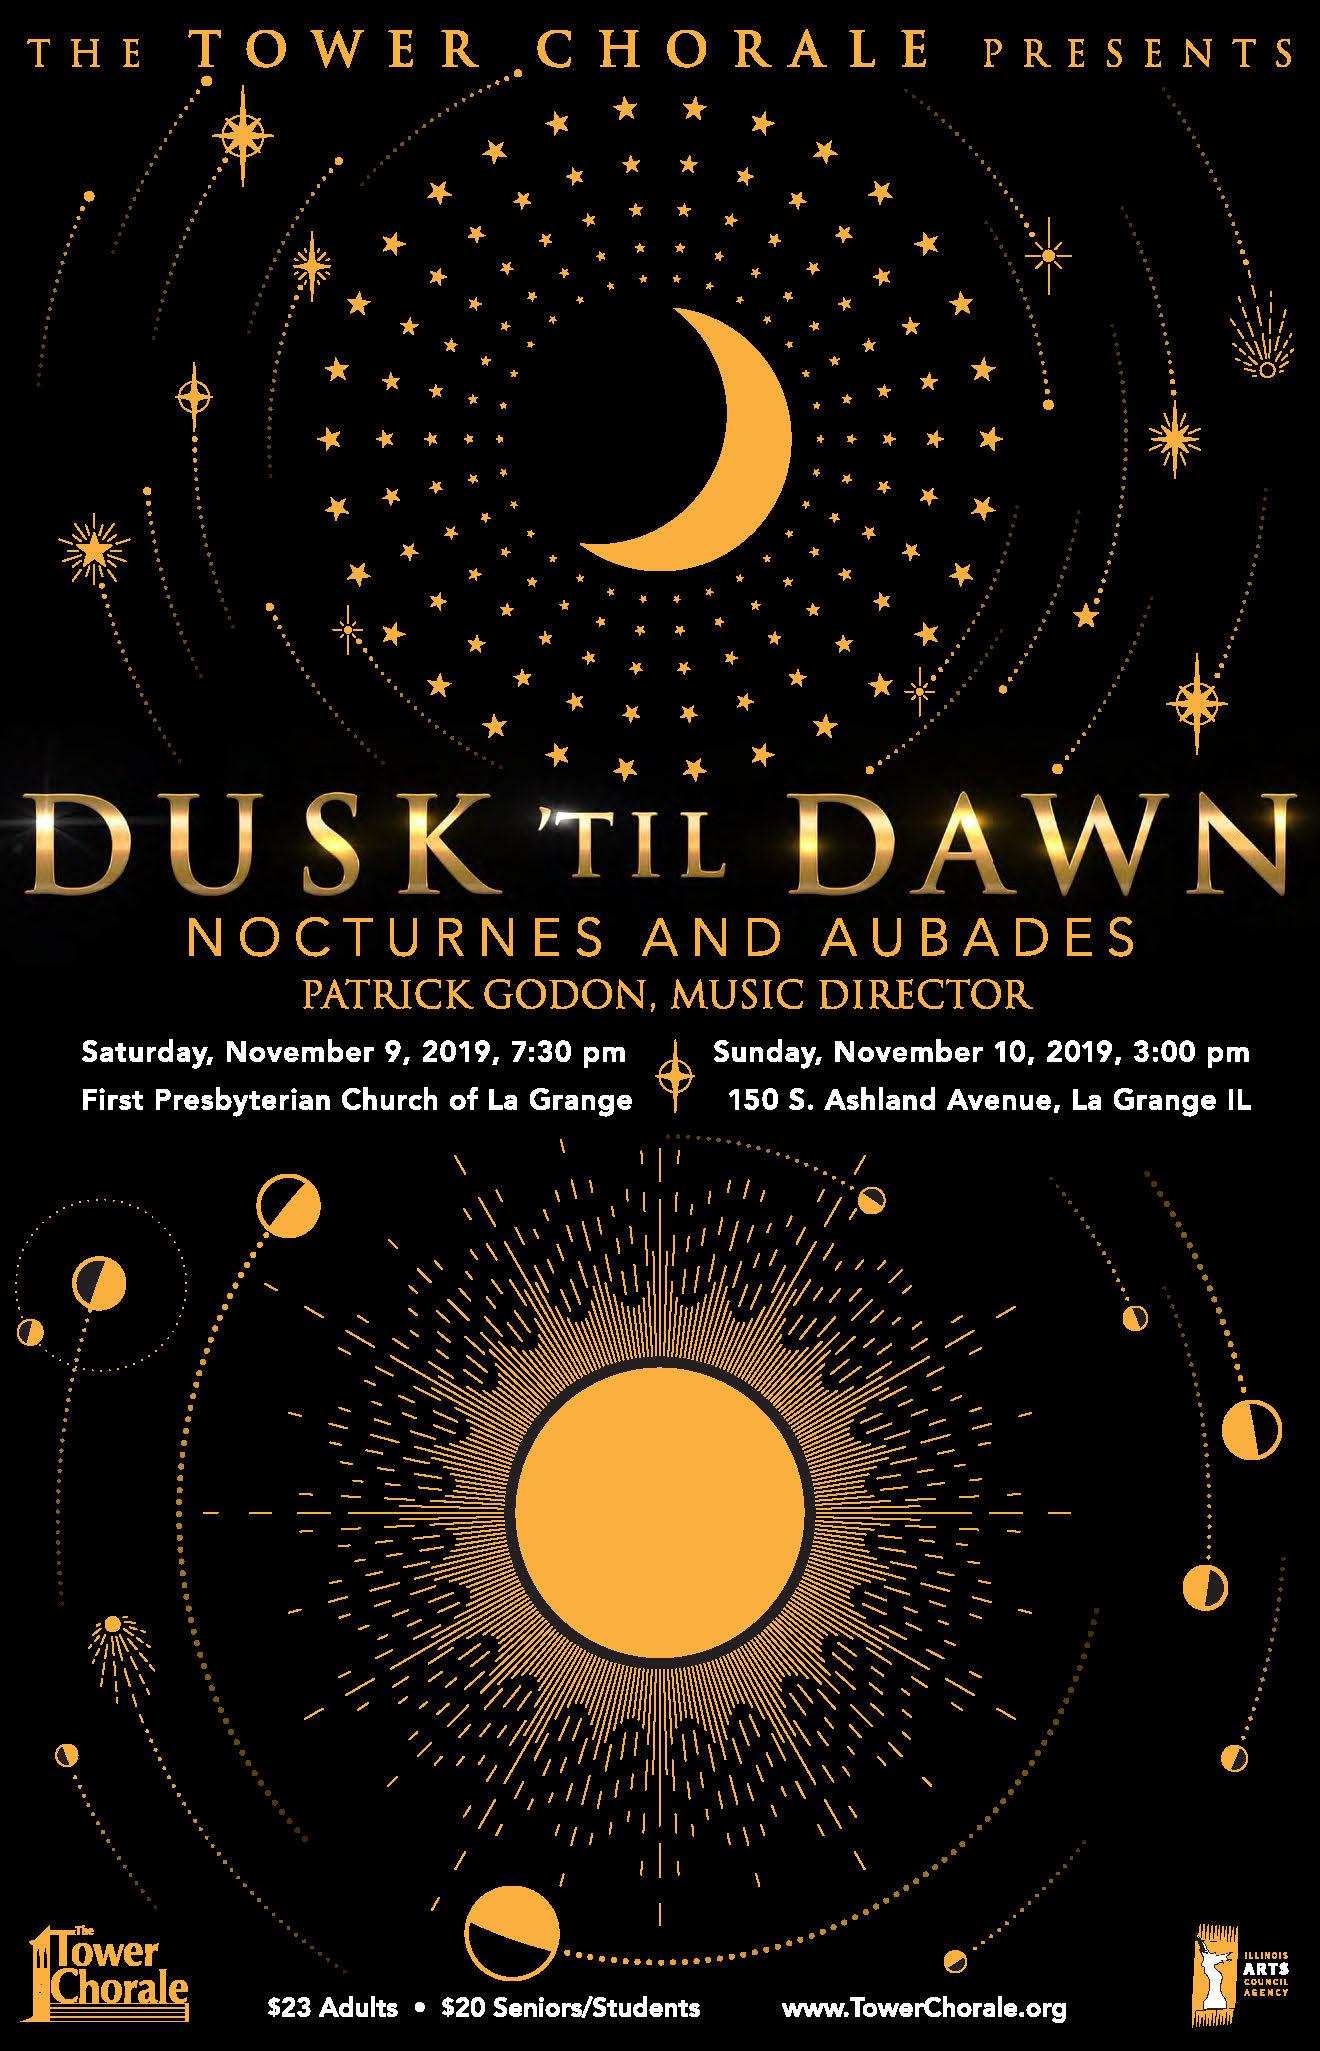 Dusk 'til Dawn concert poster